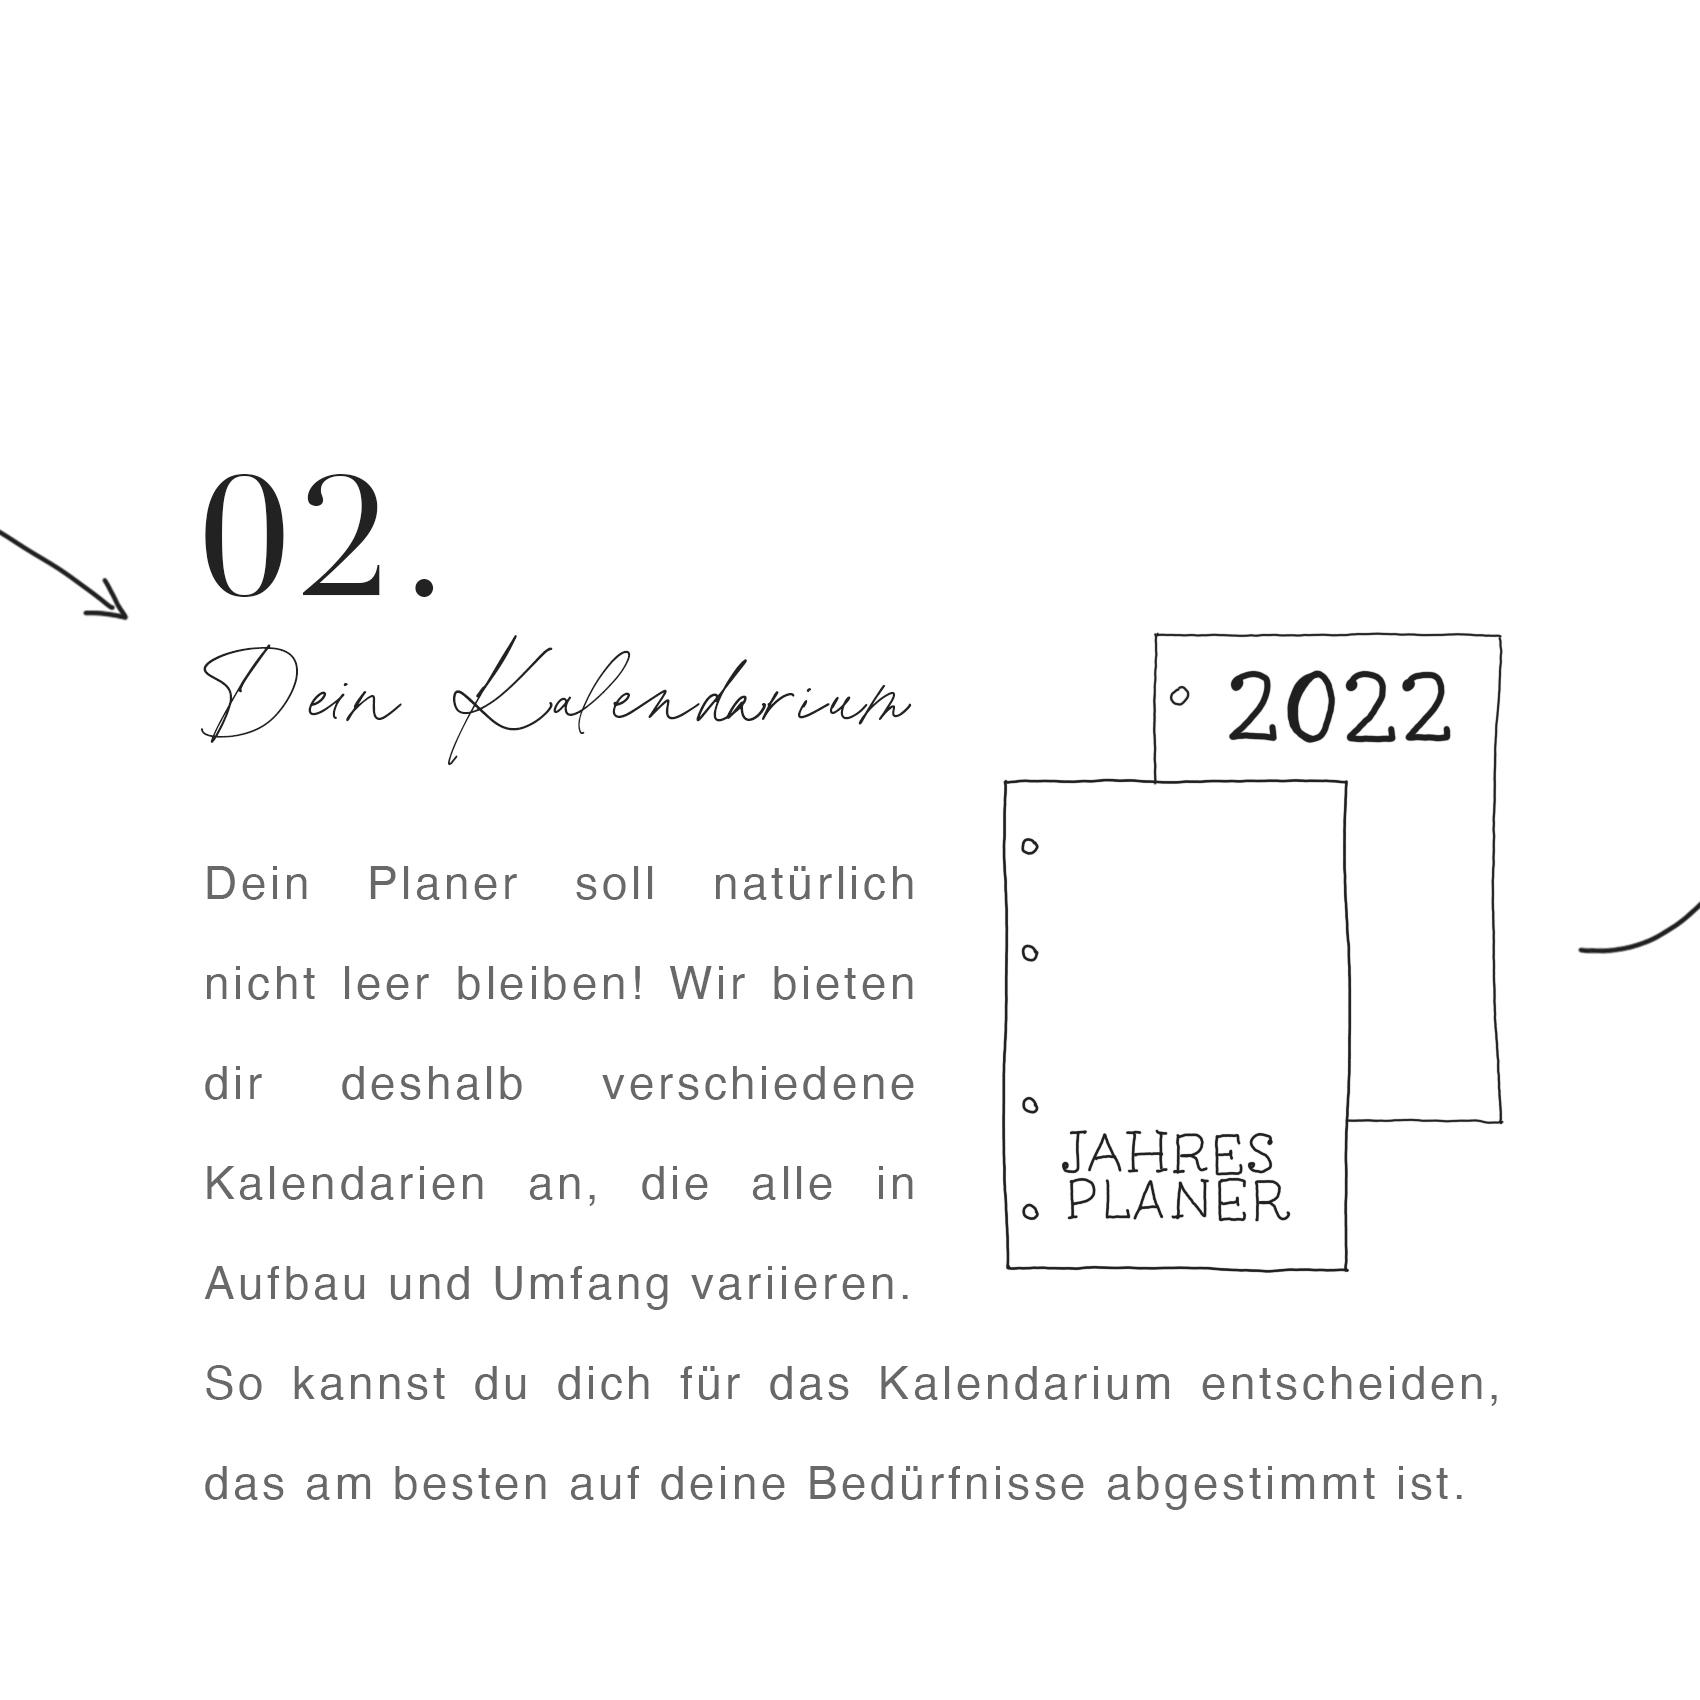 Kalendarium für den Planer